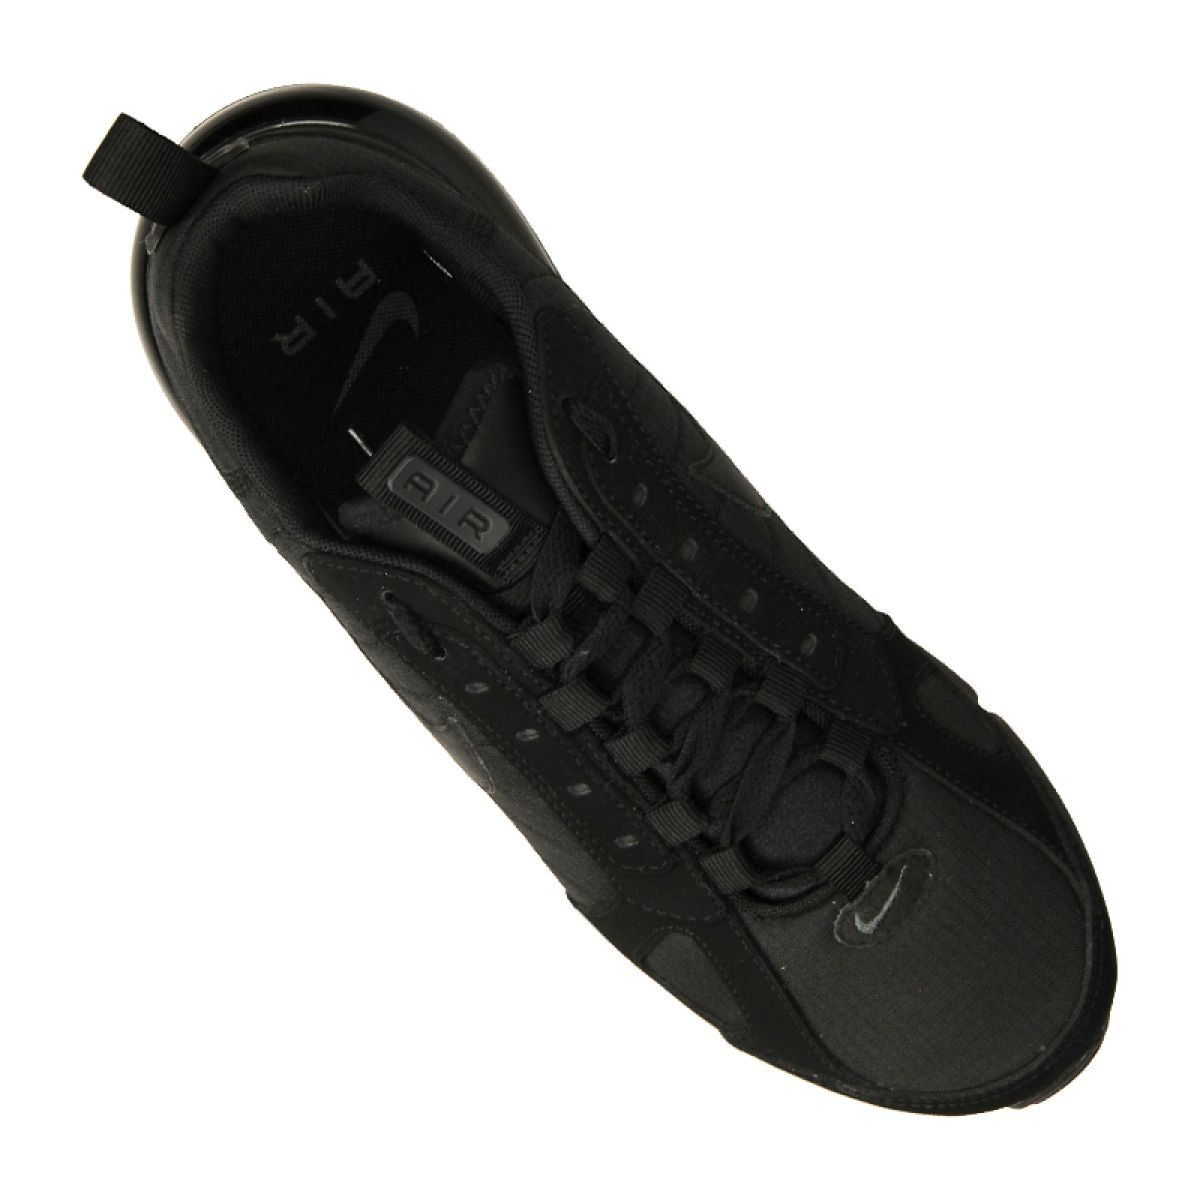 Buty Nike Air Max 270 Futura M Ao1569 005 Czarne Nike Air Nike Air Max Mens Nike Shoes